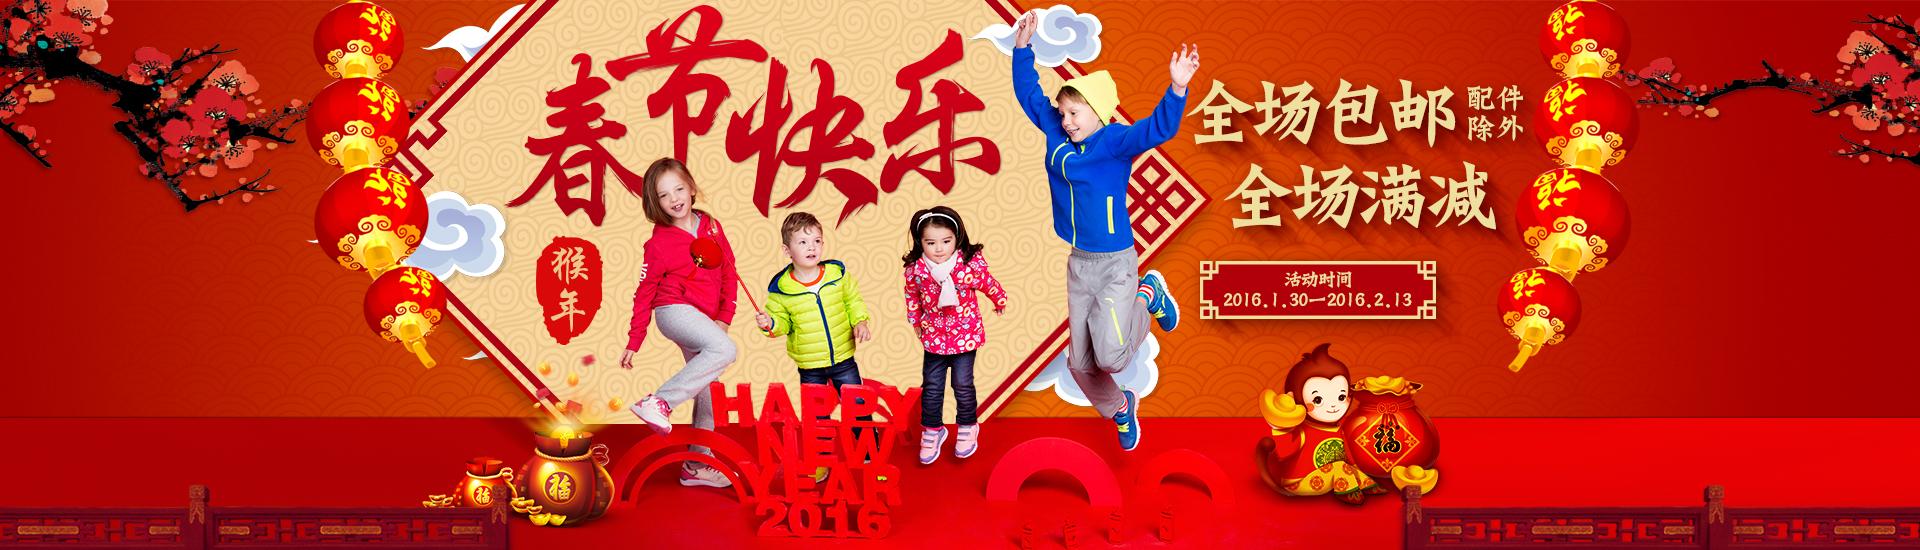 安踏儿童淘宝天猫商城 童装/儿童运动服/ 活动海报 春节海报